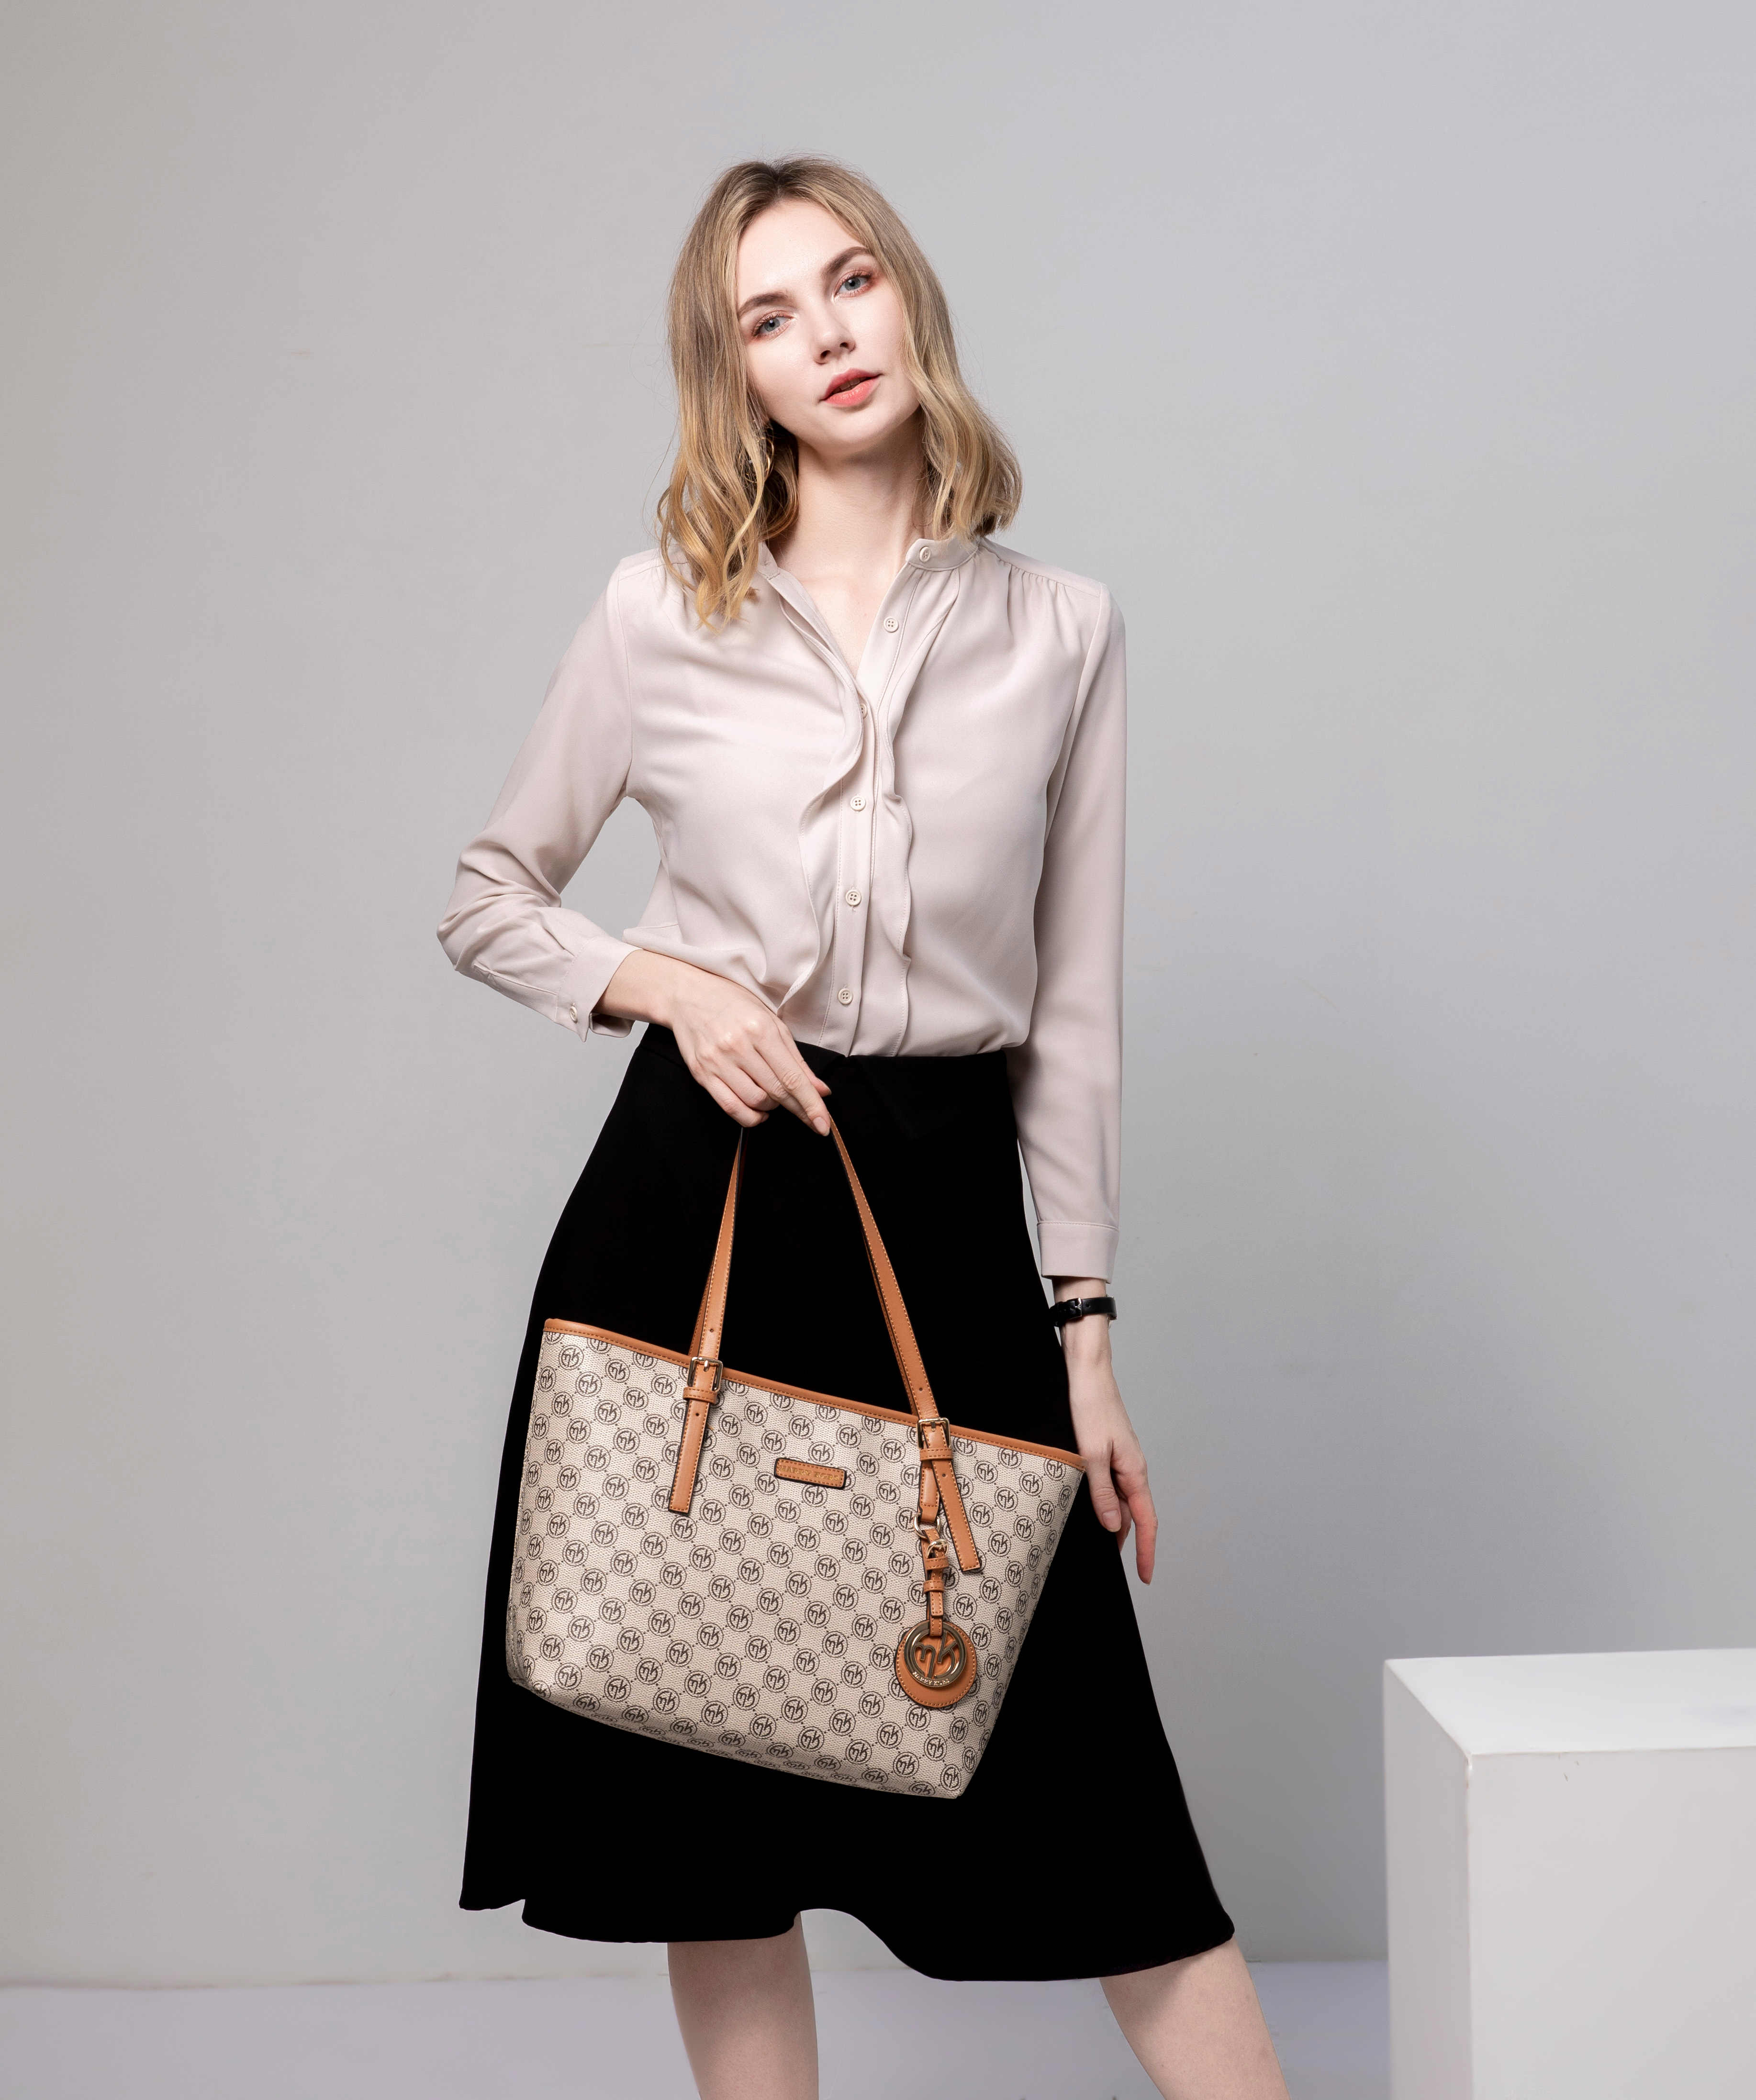 Trouwen Kors Designer Luxe Handtassen Vrouwen Tassen Mode Lederen Rits Eenvoudige Schoudertassen Crossbody Tassen Voor Vrouwen